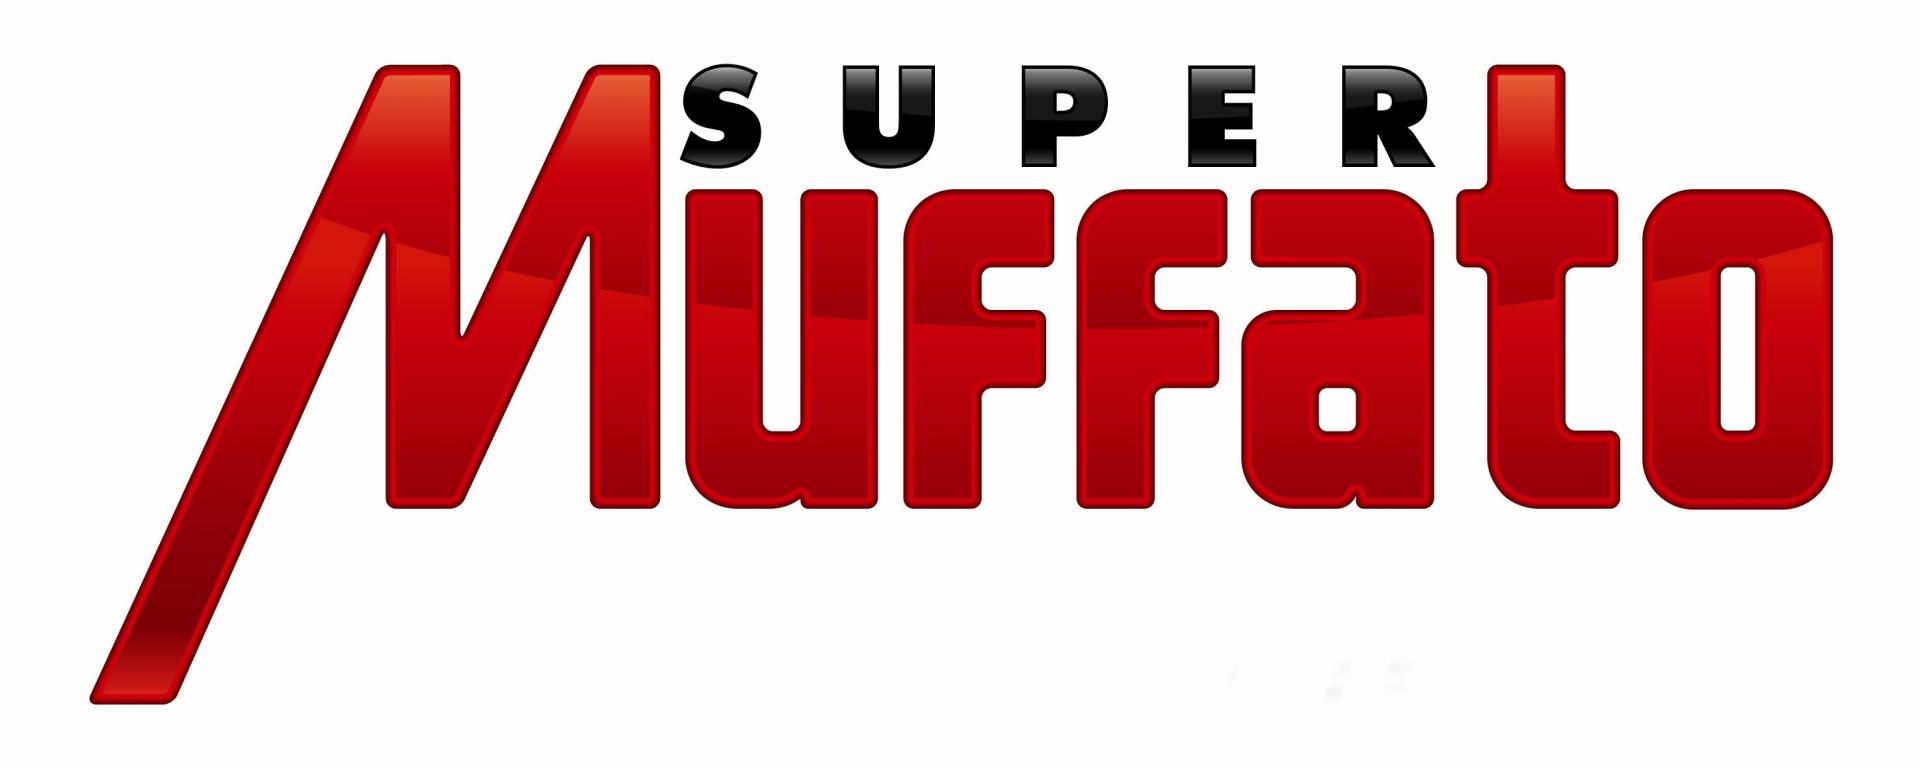 Resultado de imagem para super muffato